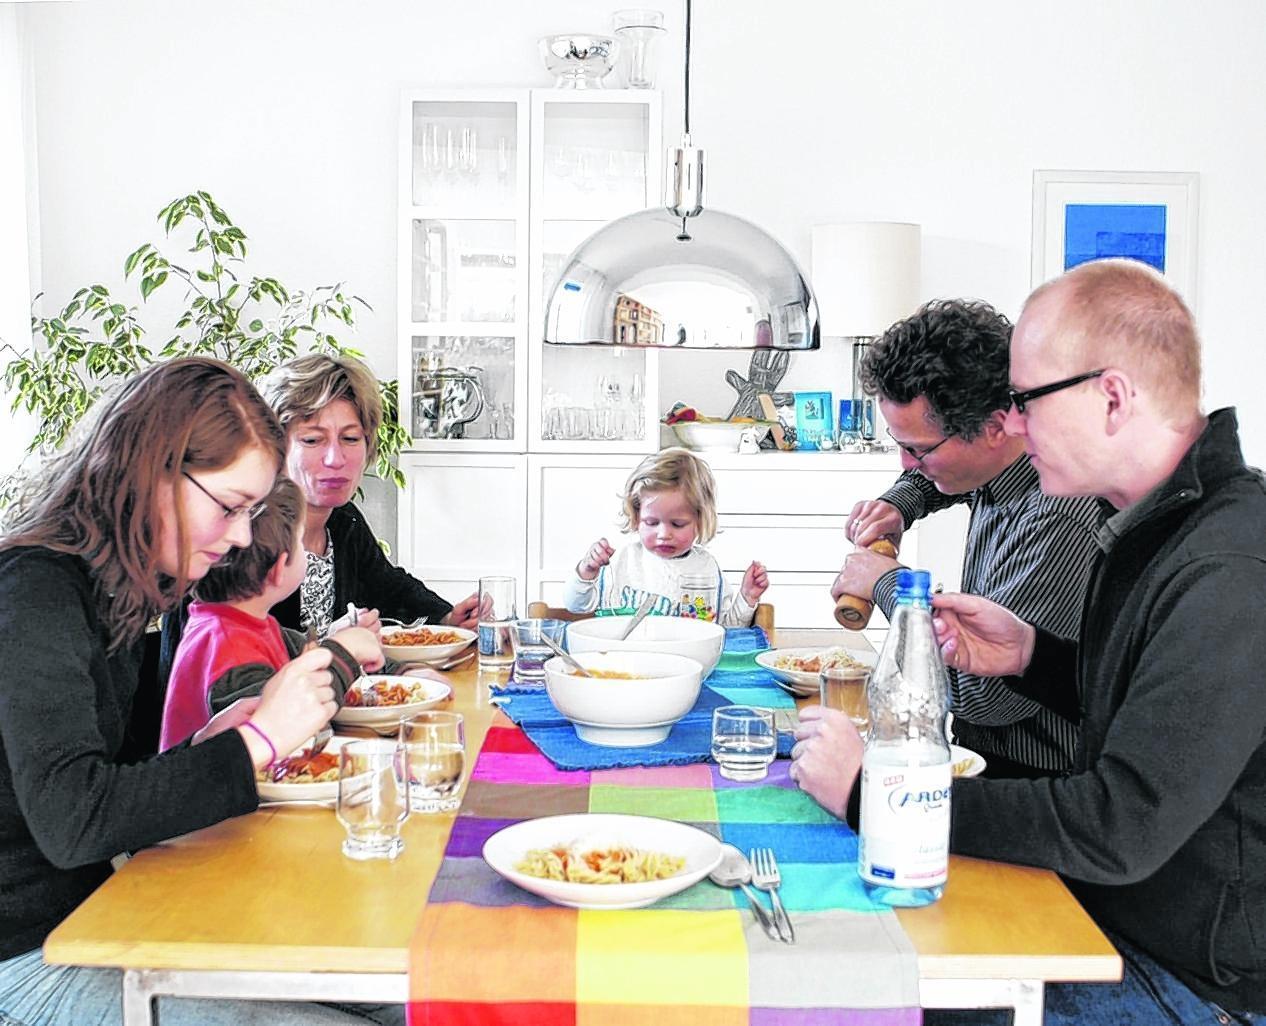 Nach Trennungen bilden sich oftmals neue Familien. Was nach außen harmonisch wirkt, erfordert in der Regel eine harte Beziehungsarbeit.